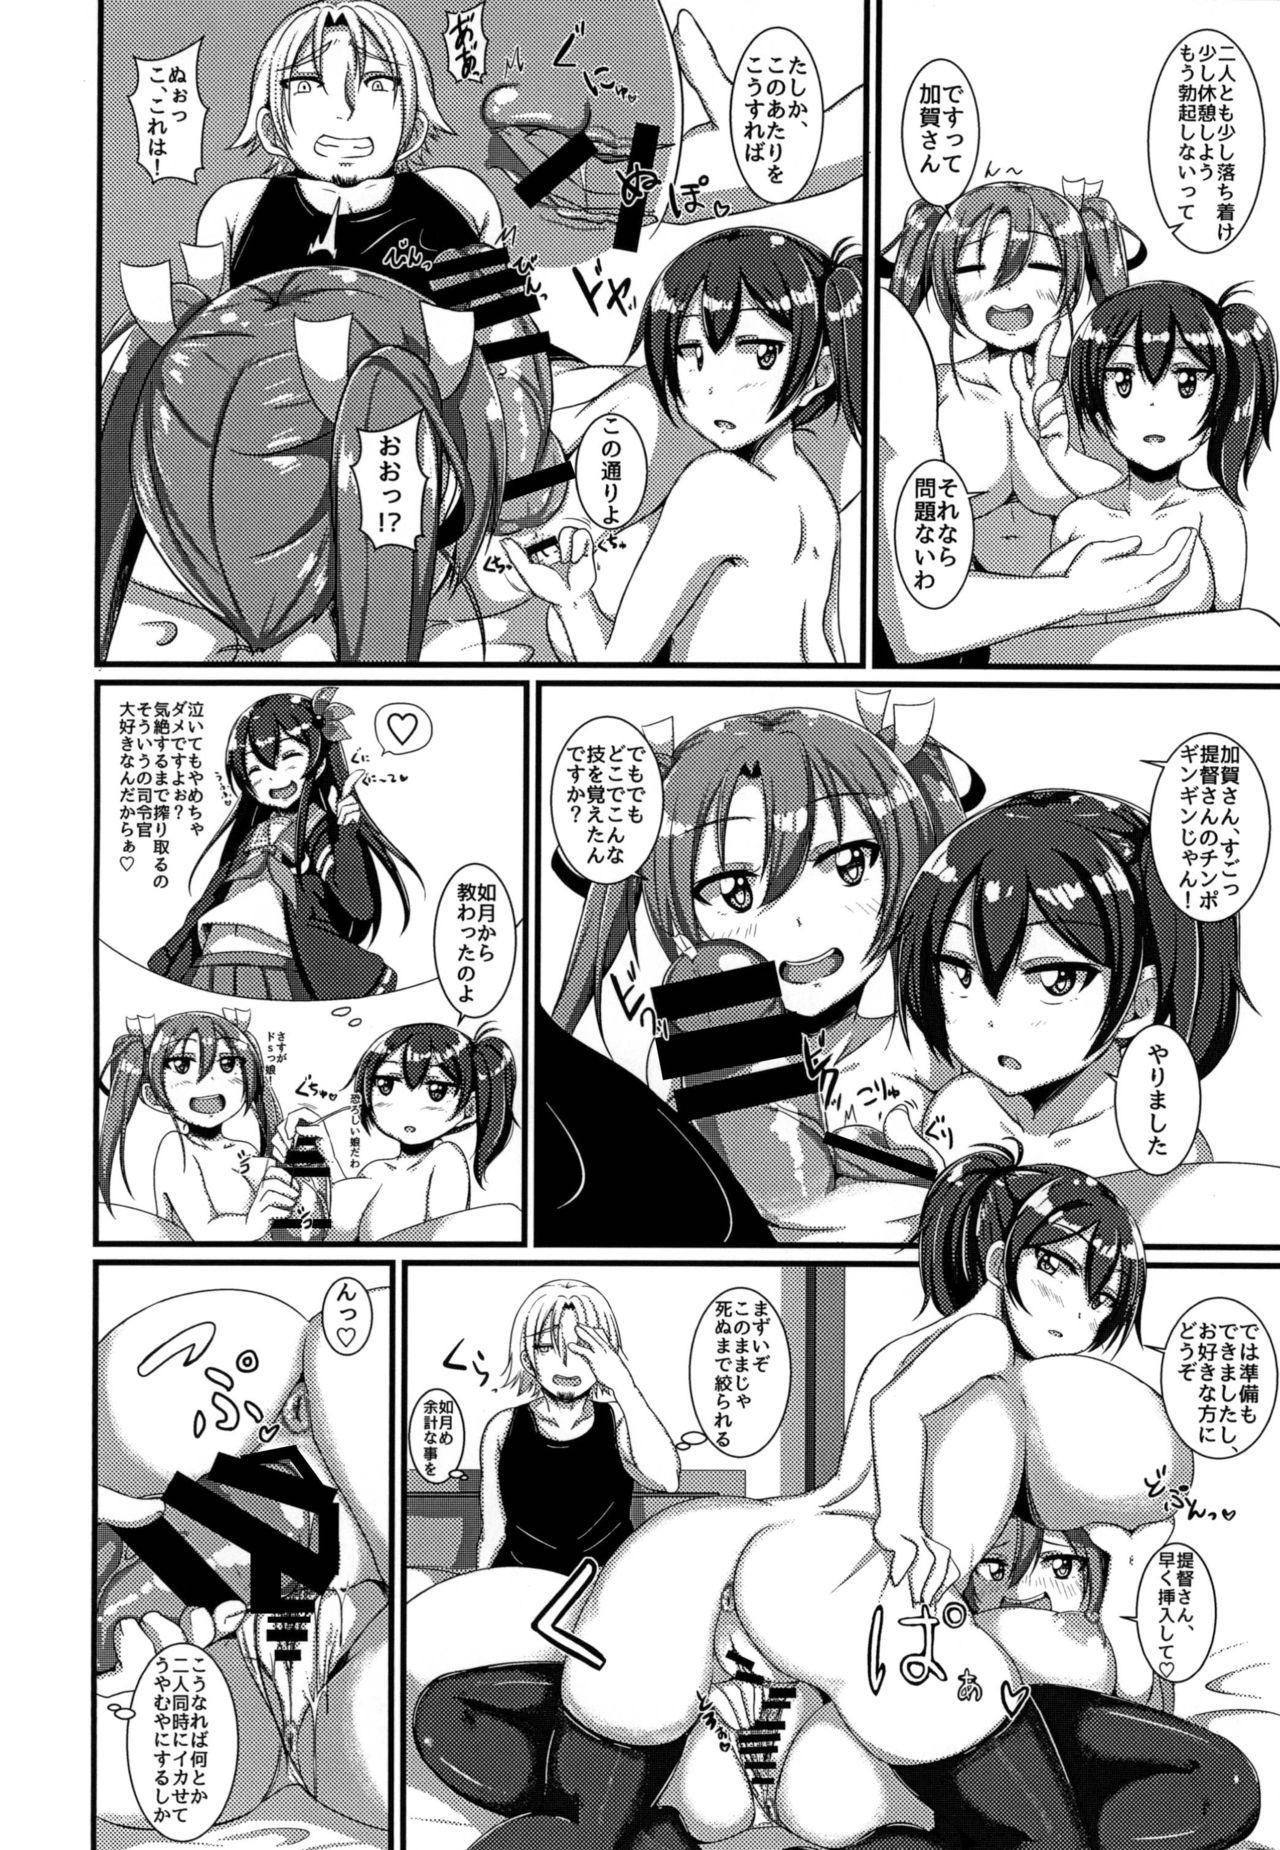 Zui ☆ Kaga Oppai Daisensou! 15